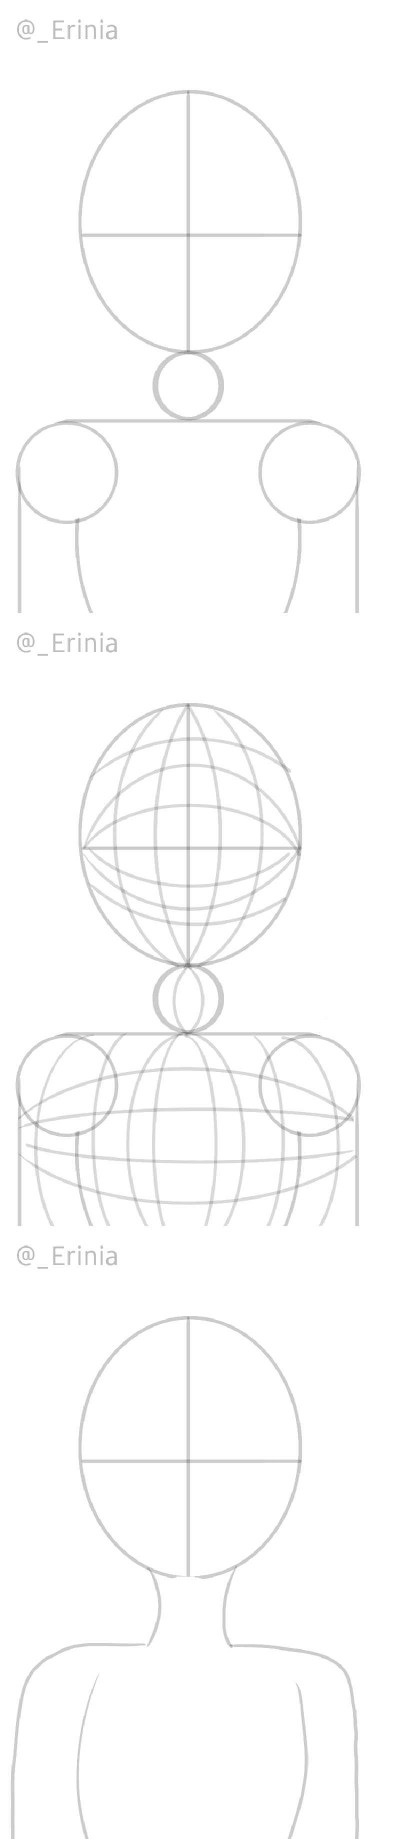 틀그림 이벤트 | _Erinia | Digital Drawing | PENUP